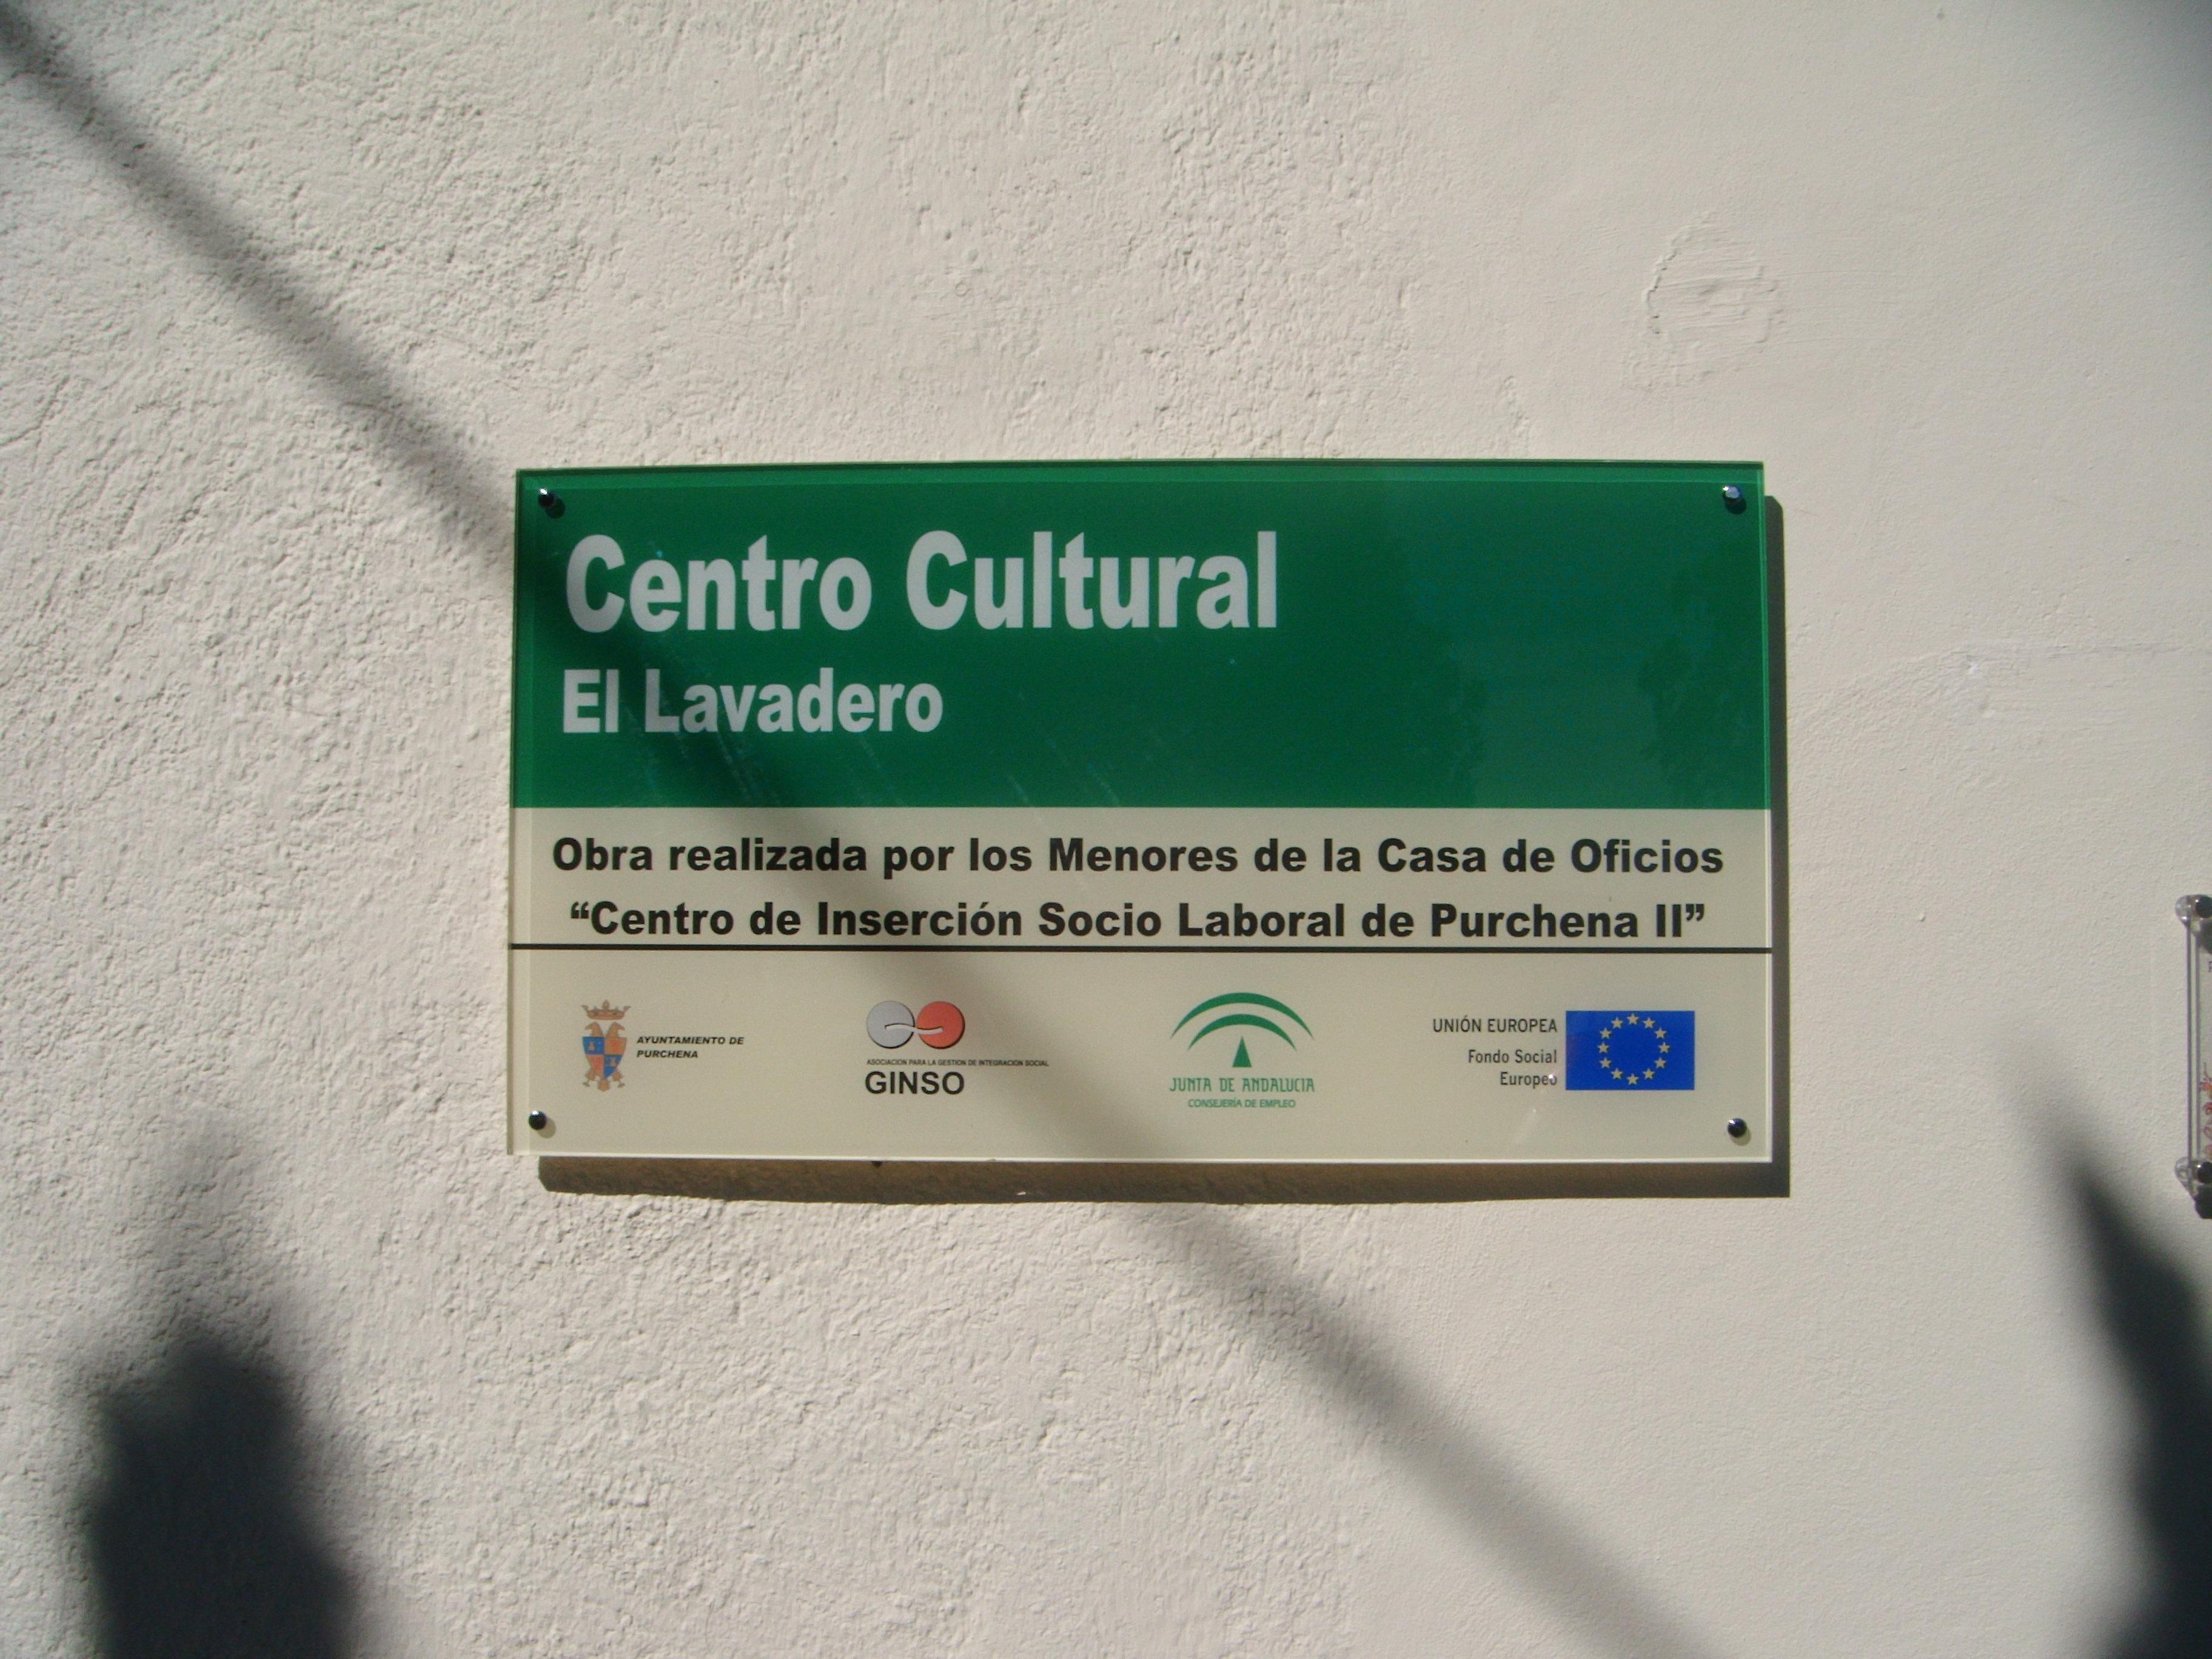 Centro Cultural El Lavadero